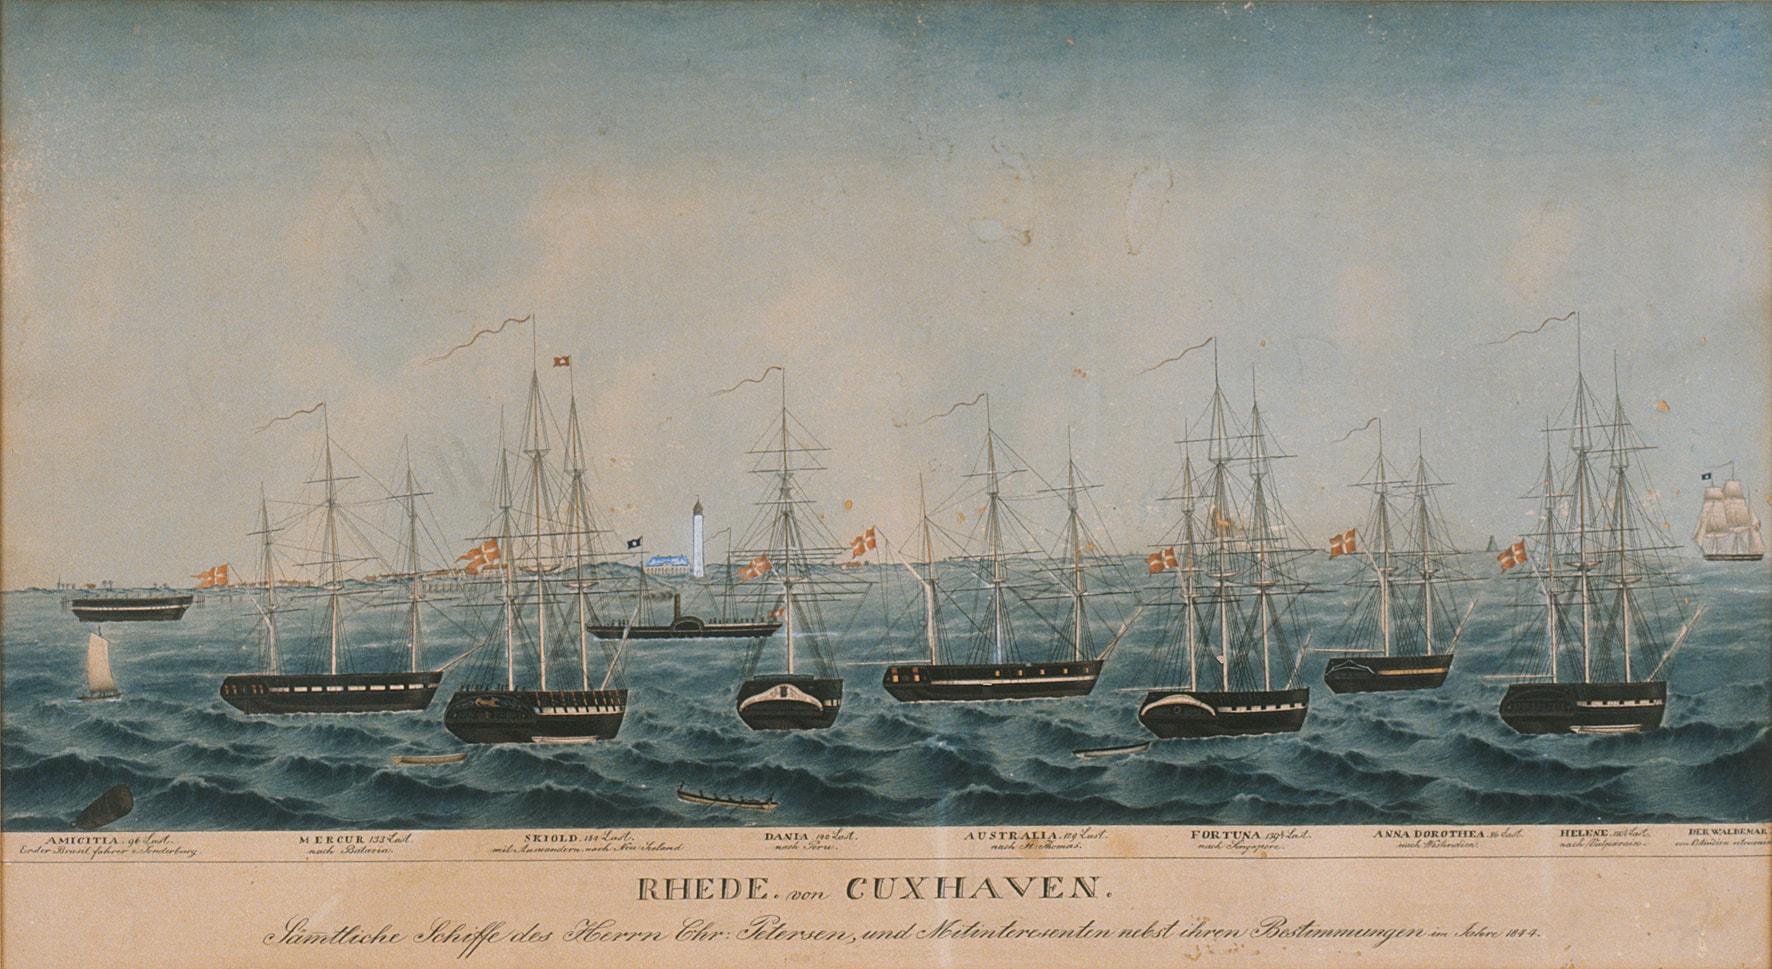 Sønderjyllands søfartshistorie 1814-1920